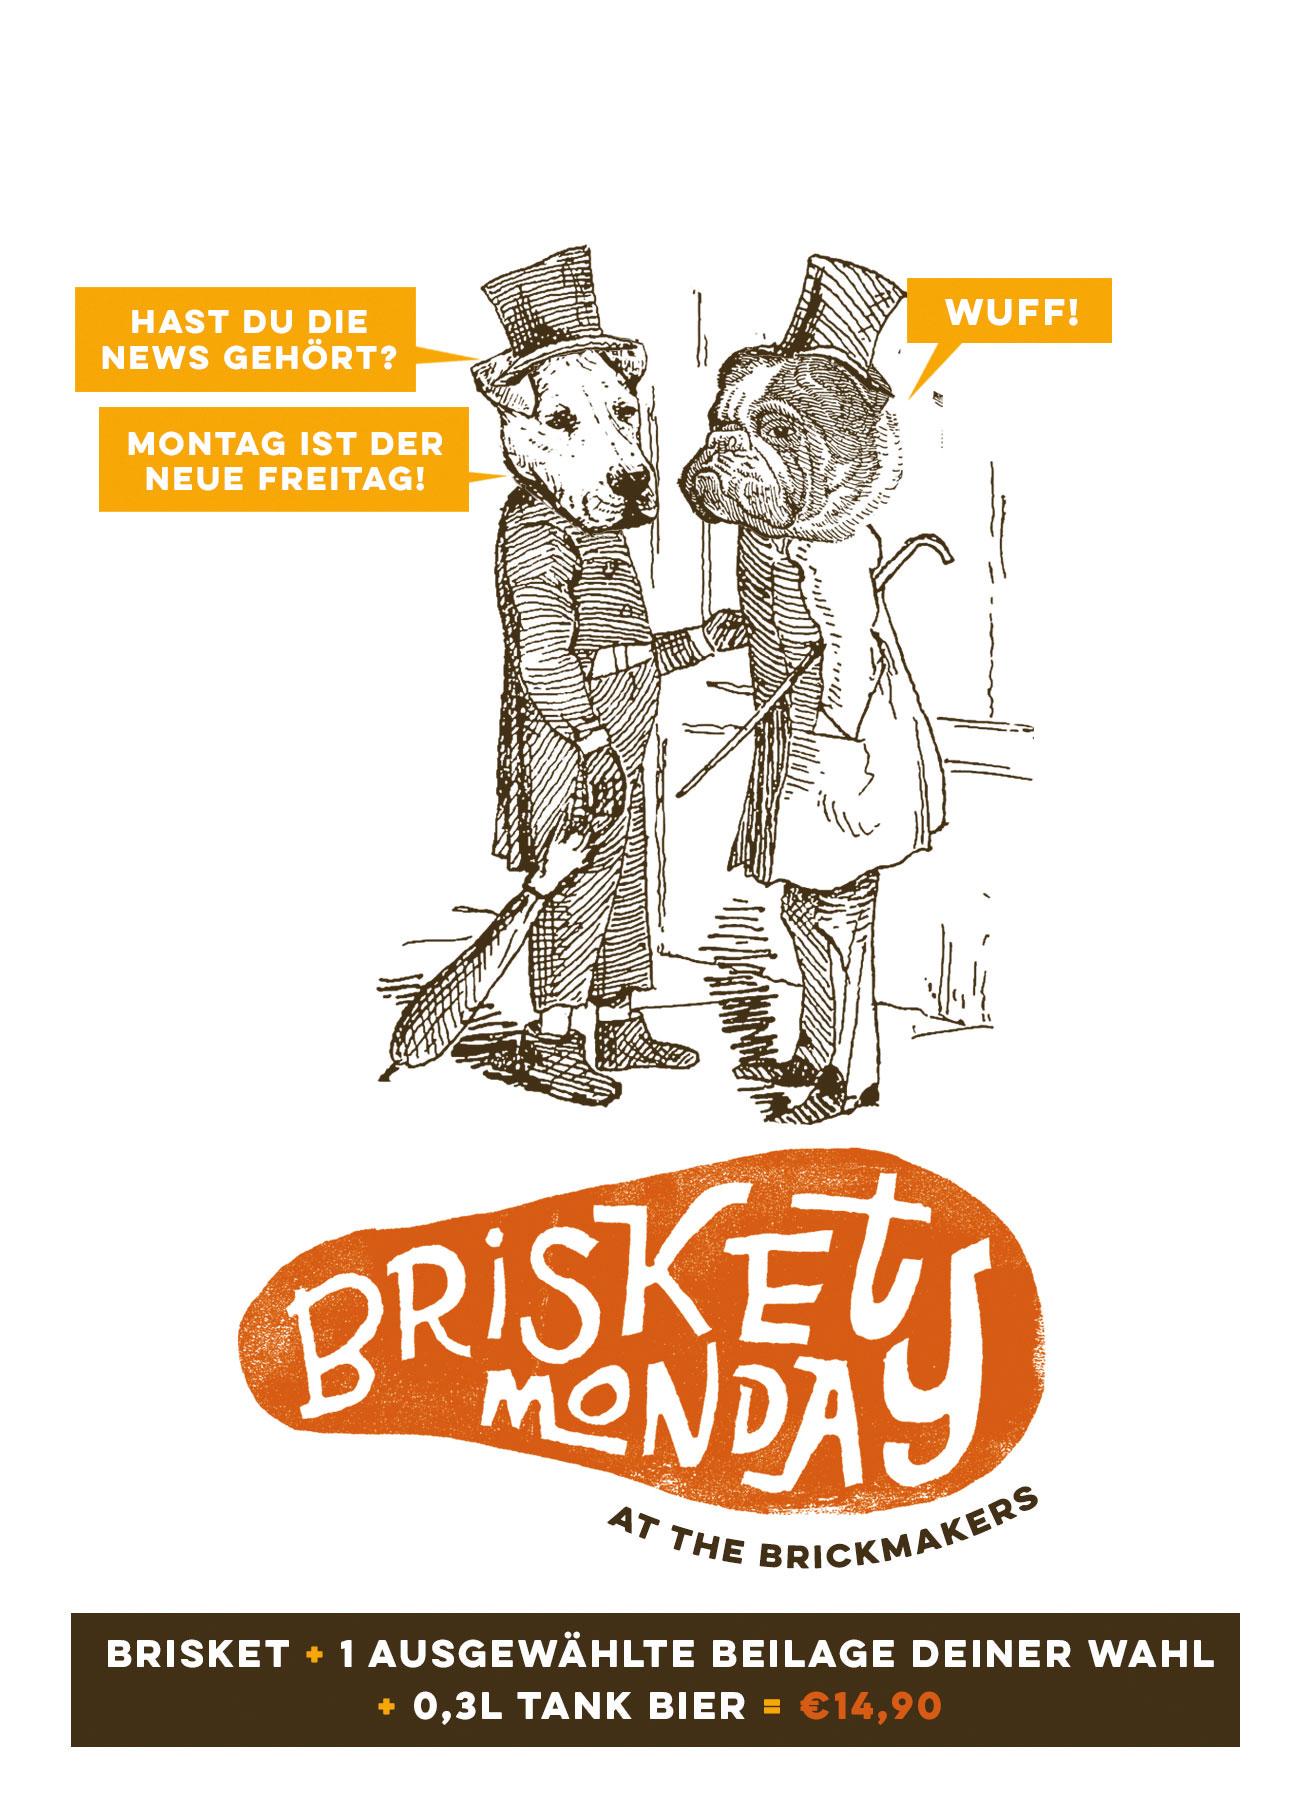 Brickmakers_Brisket_Monday